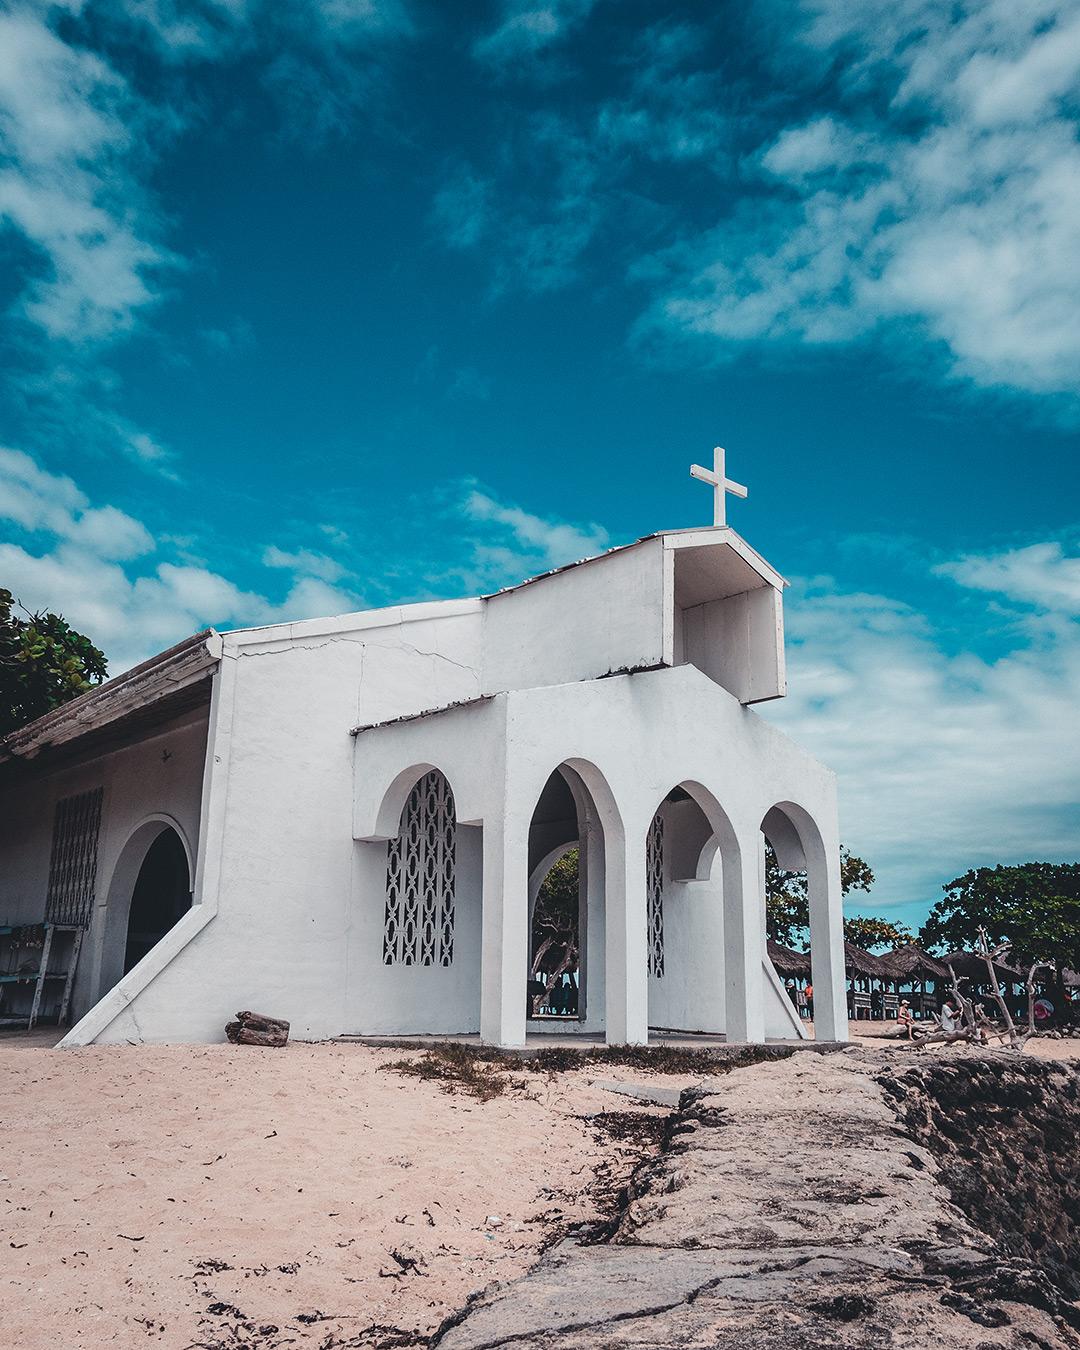 Foto van Instagram Simon Wijers, genomen op reis in de Filipijnen